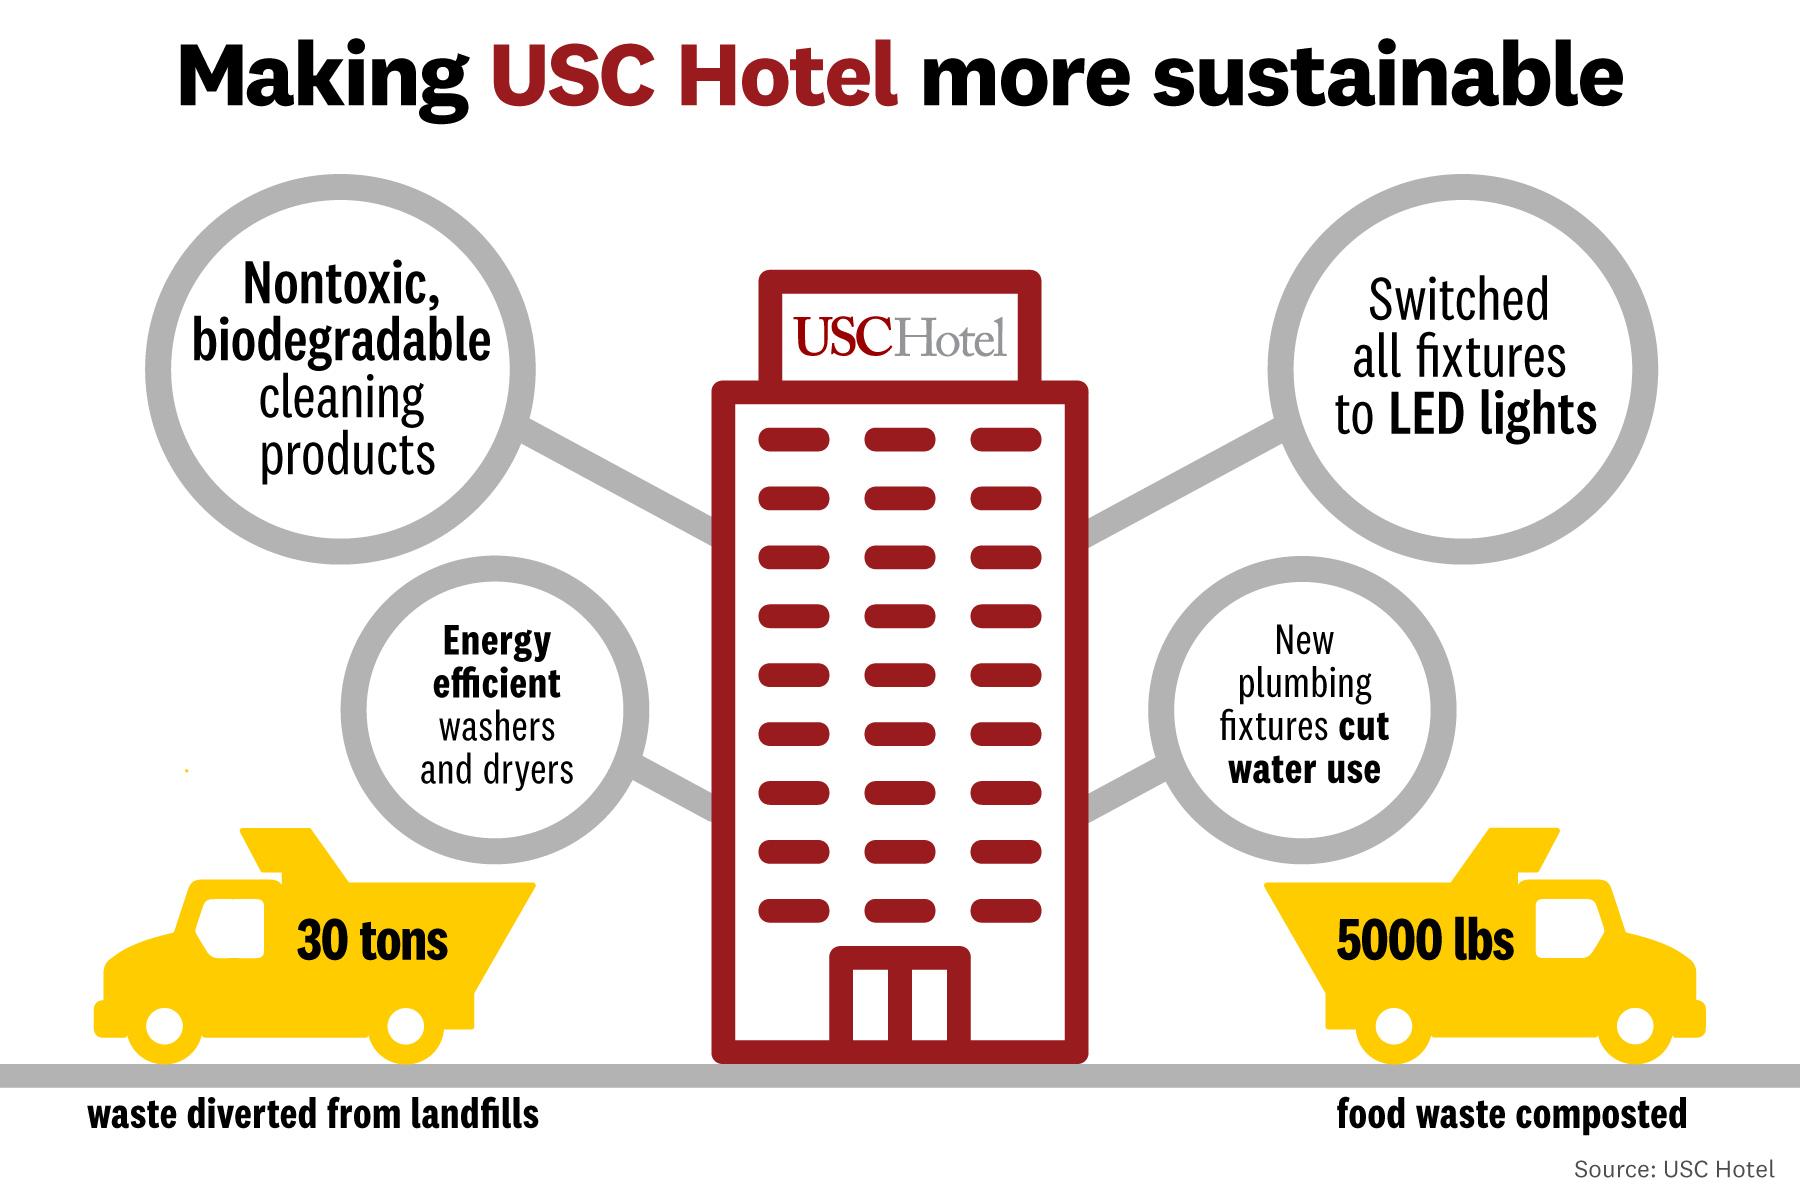 usc hotel susatainability infographic